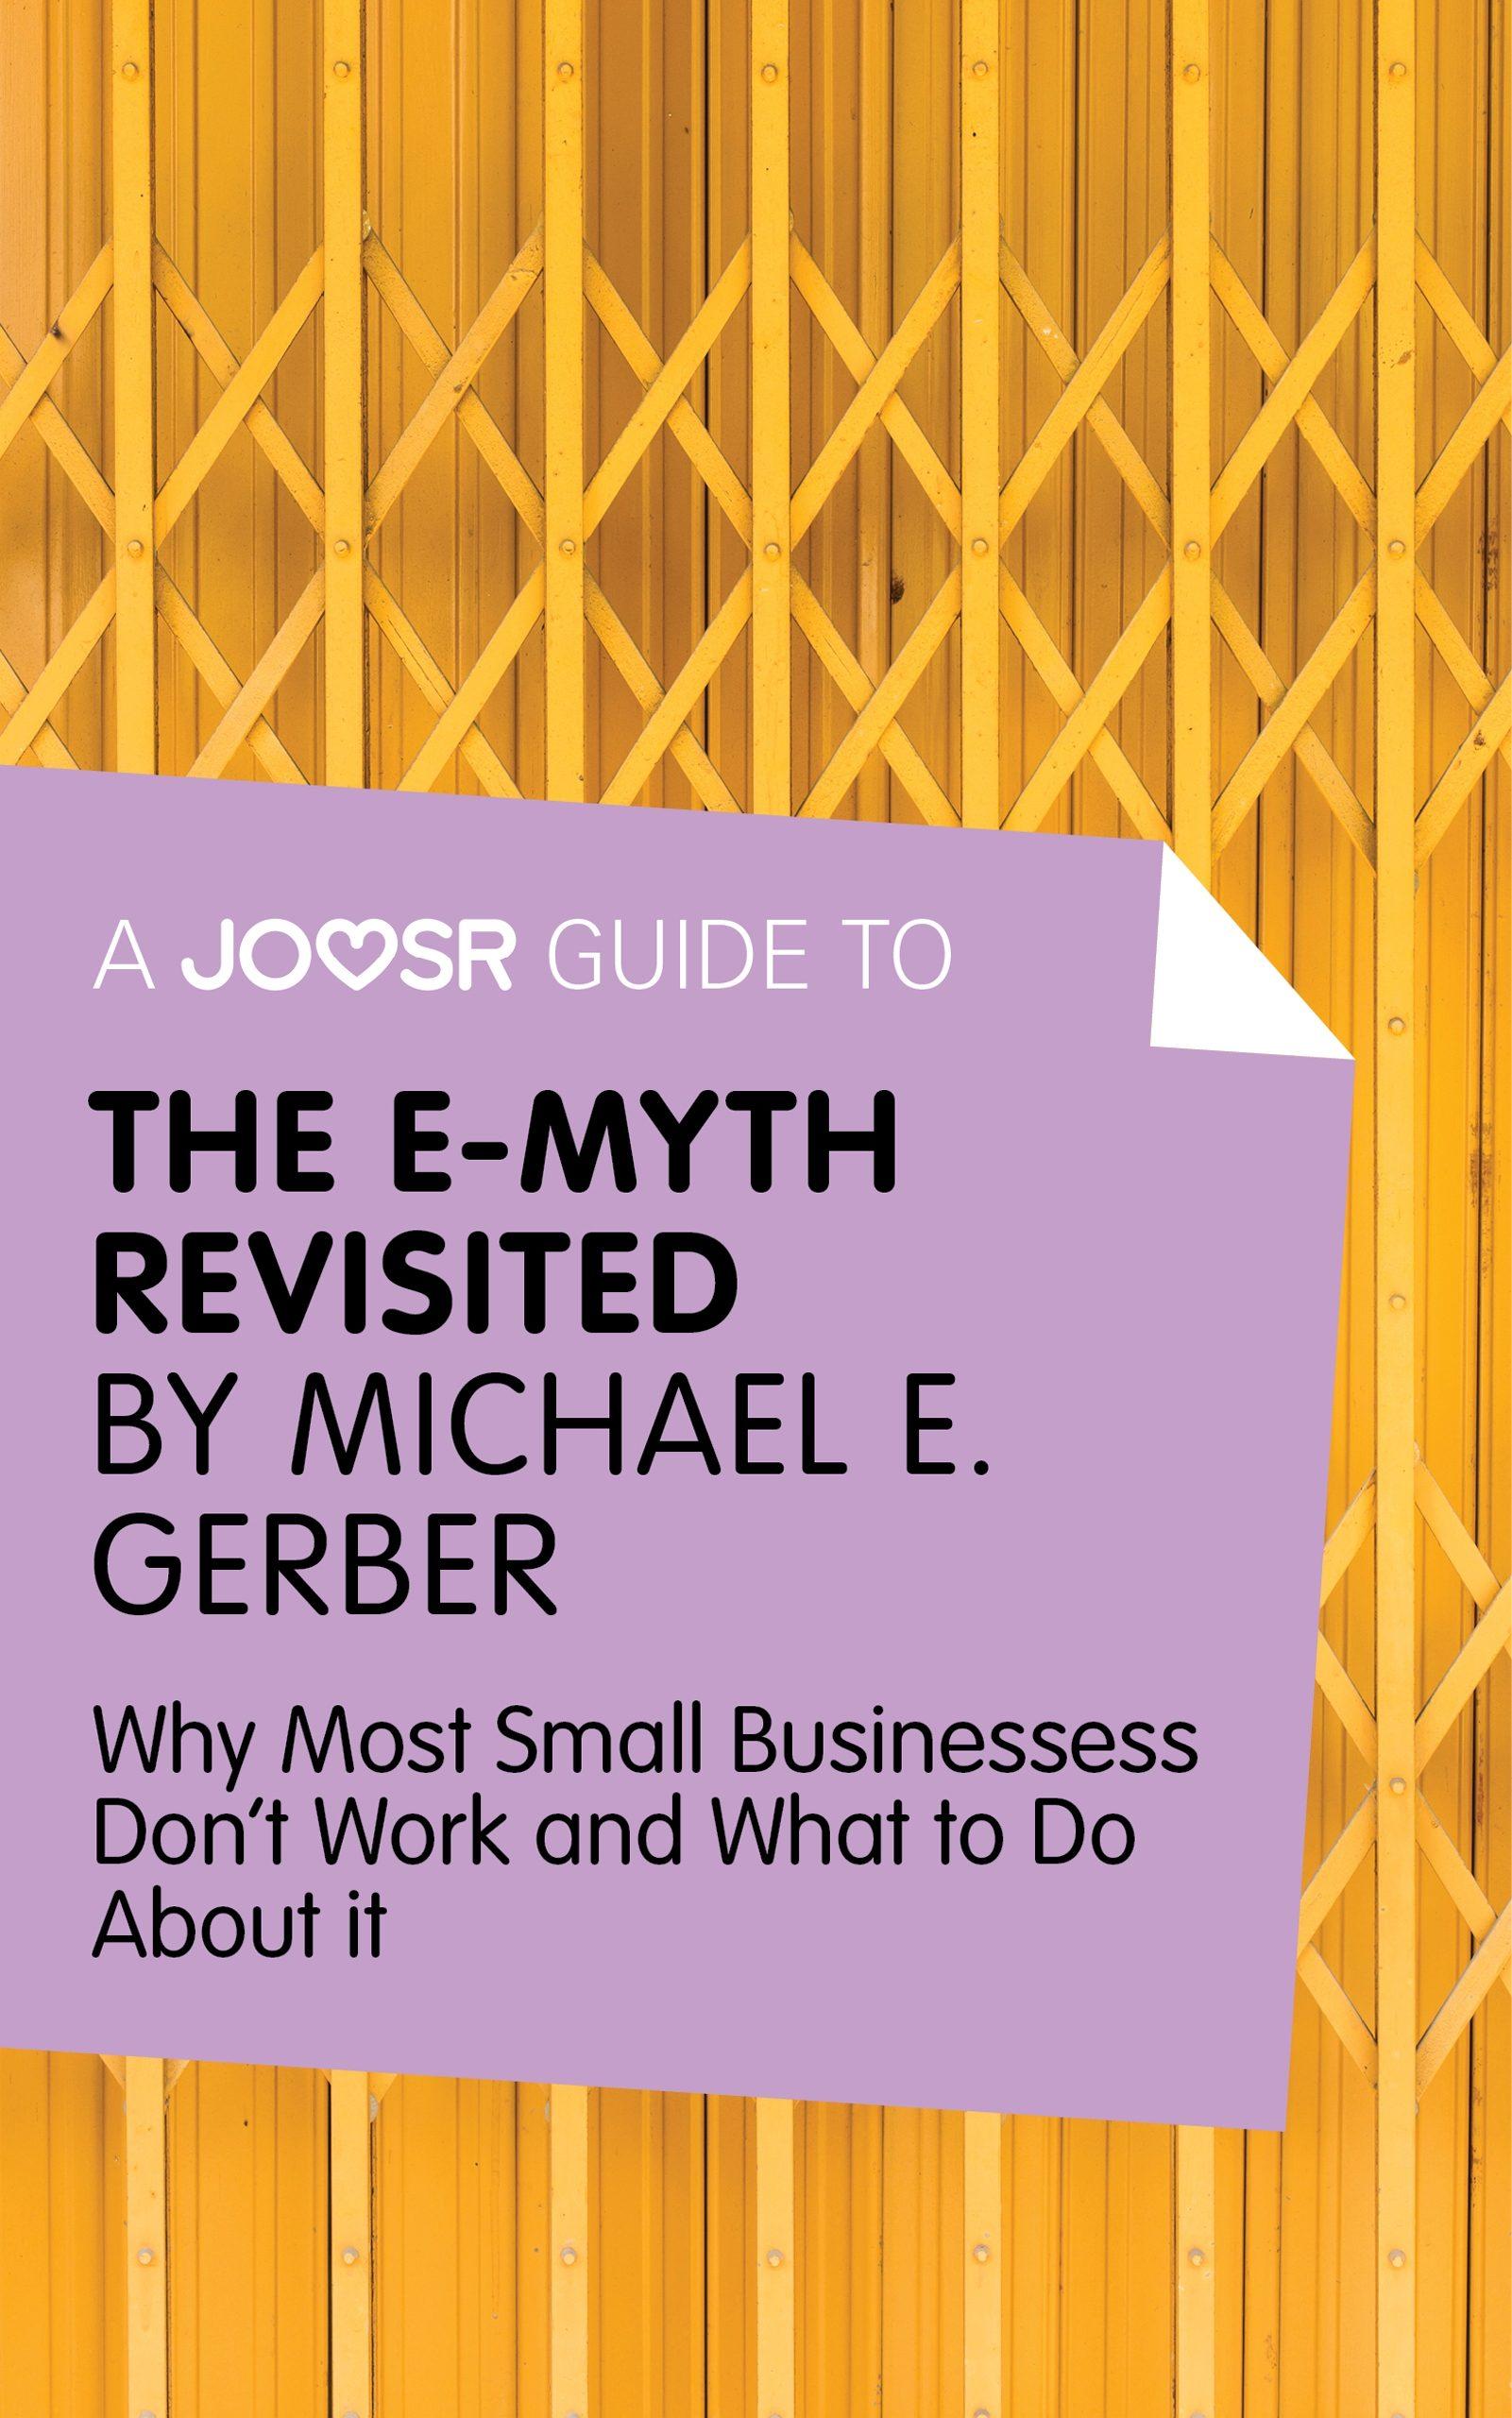 a joosr guide to... the e-myth revisited (ebook)-michael e. gerber-9781785670305